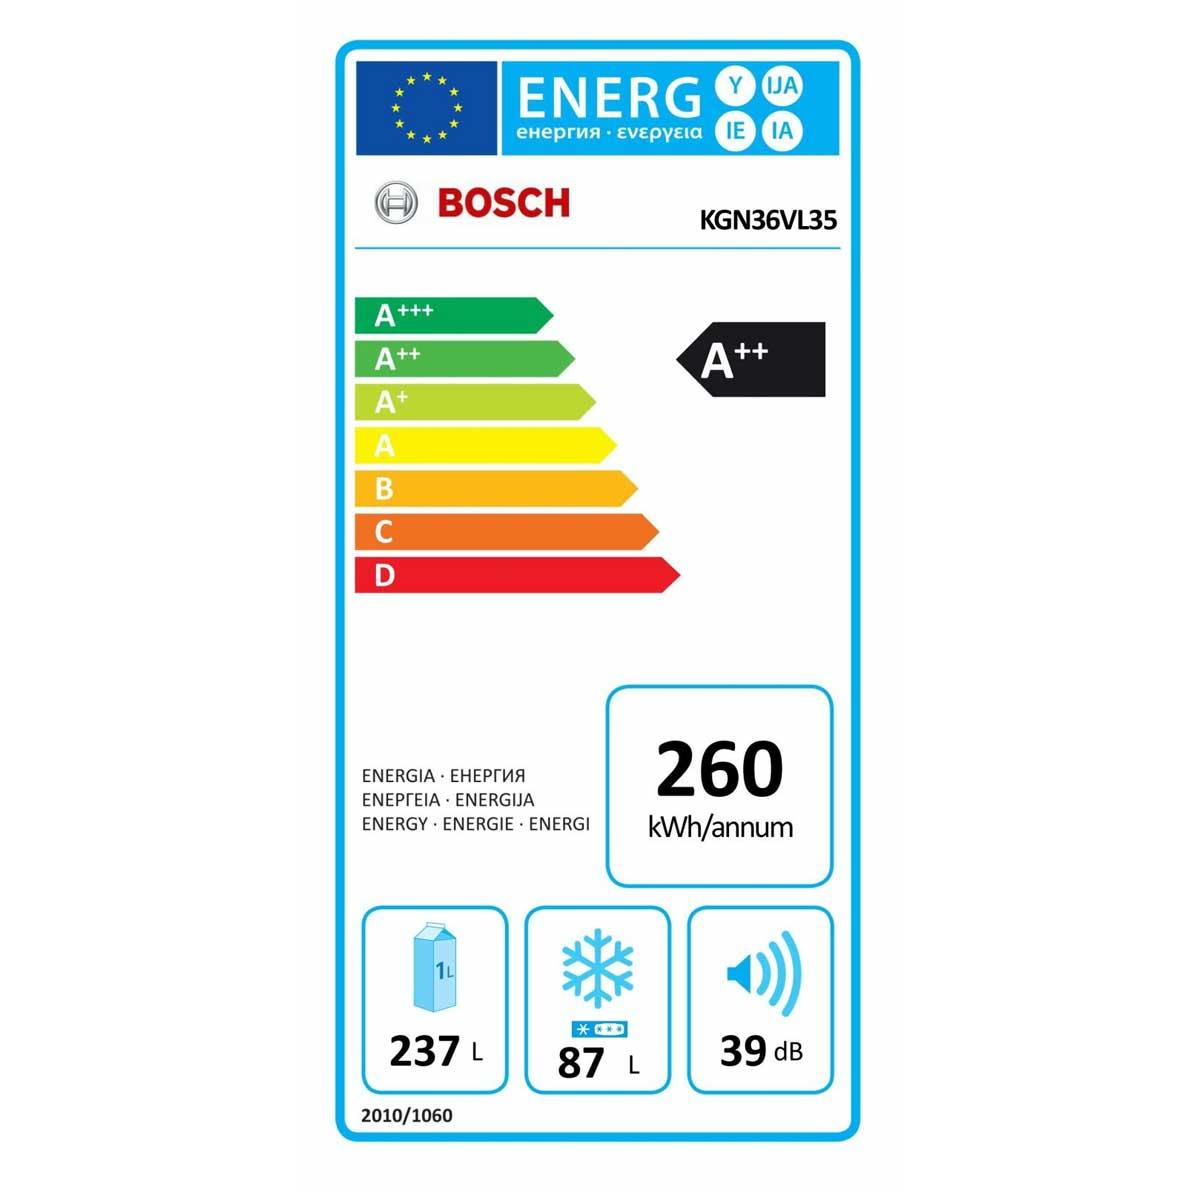 BOSCH KGN36VL35  etichetta energetica